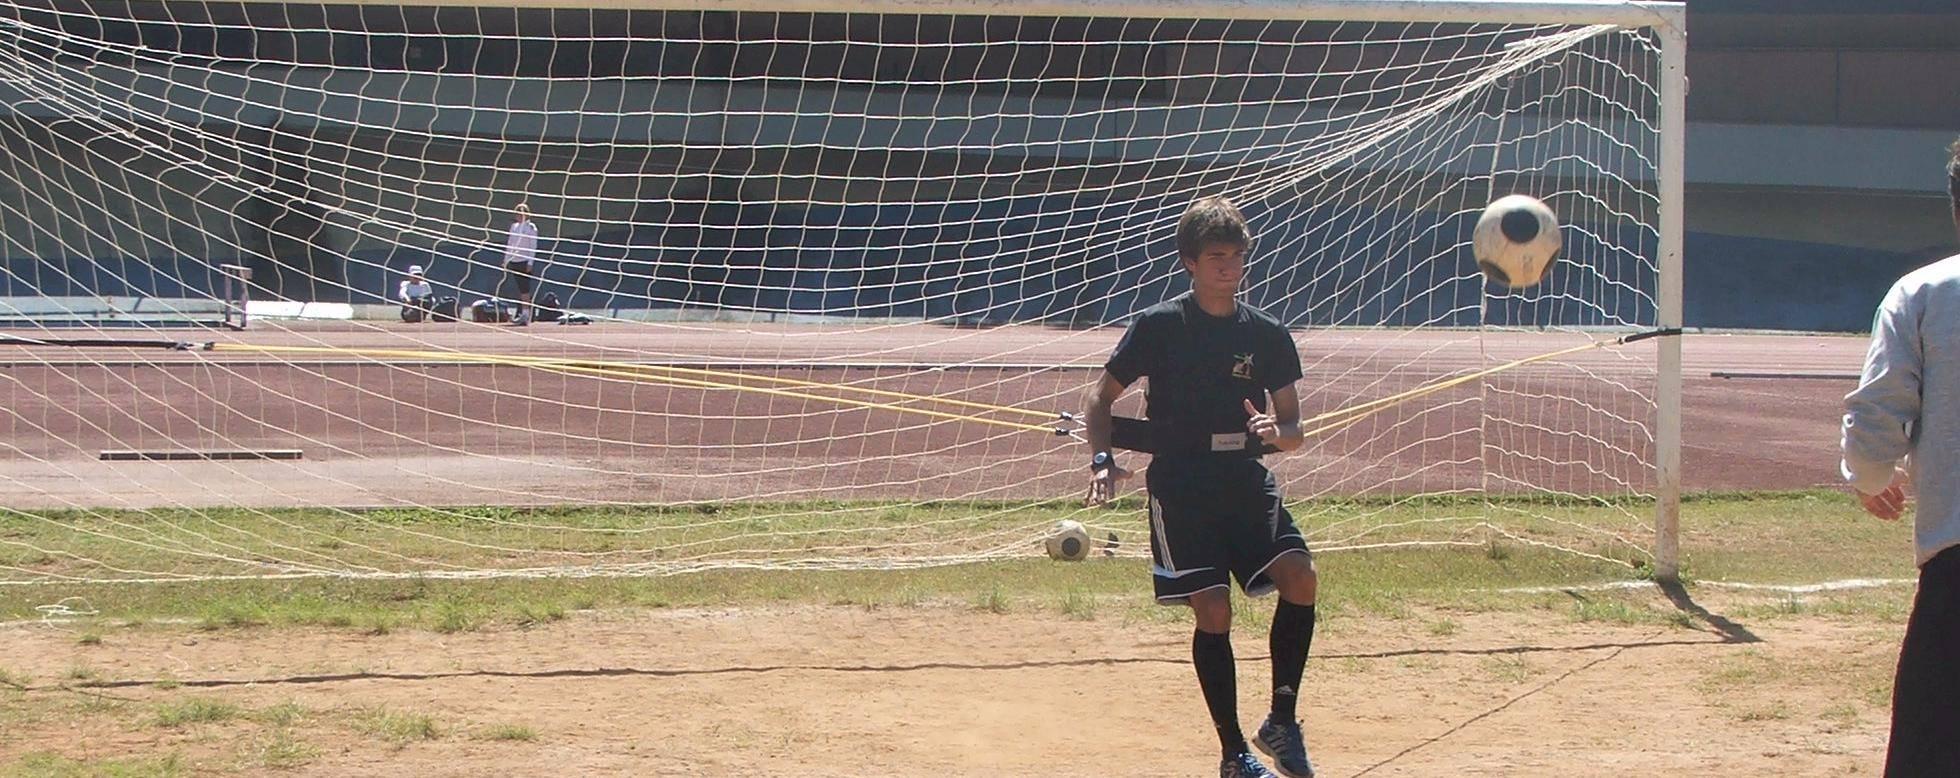 Cinto de tração lateral Actual em uso no gol